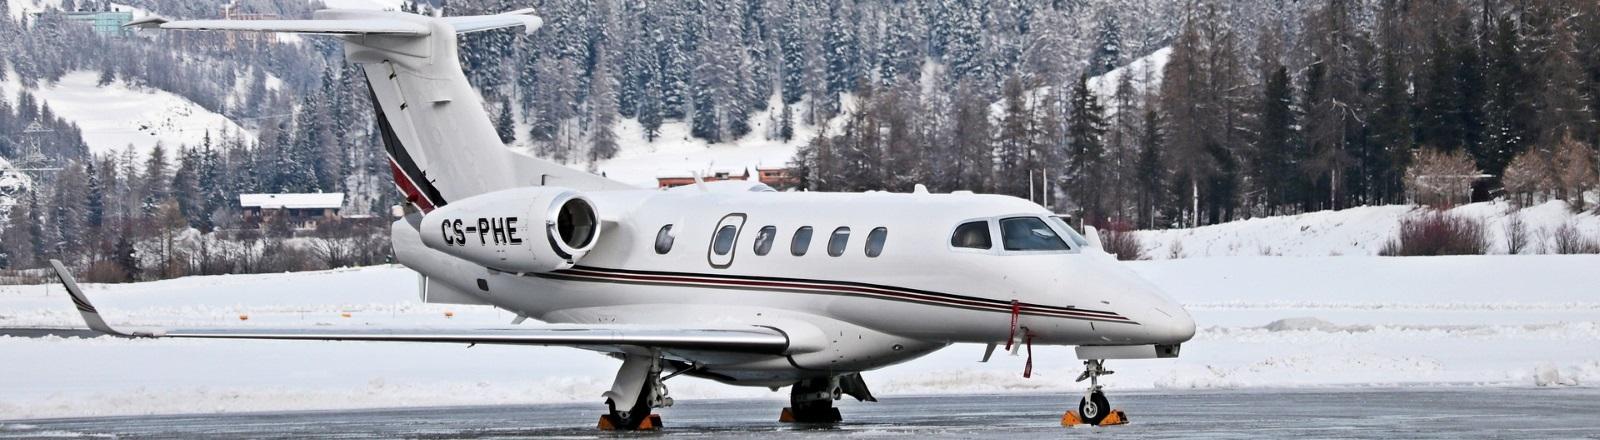 Vad kostar det att flyga privatjet?